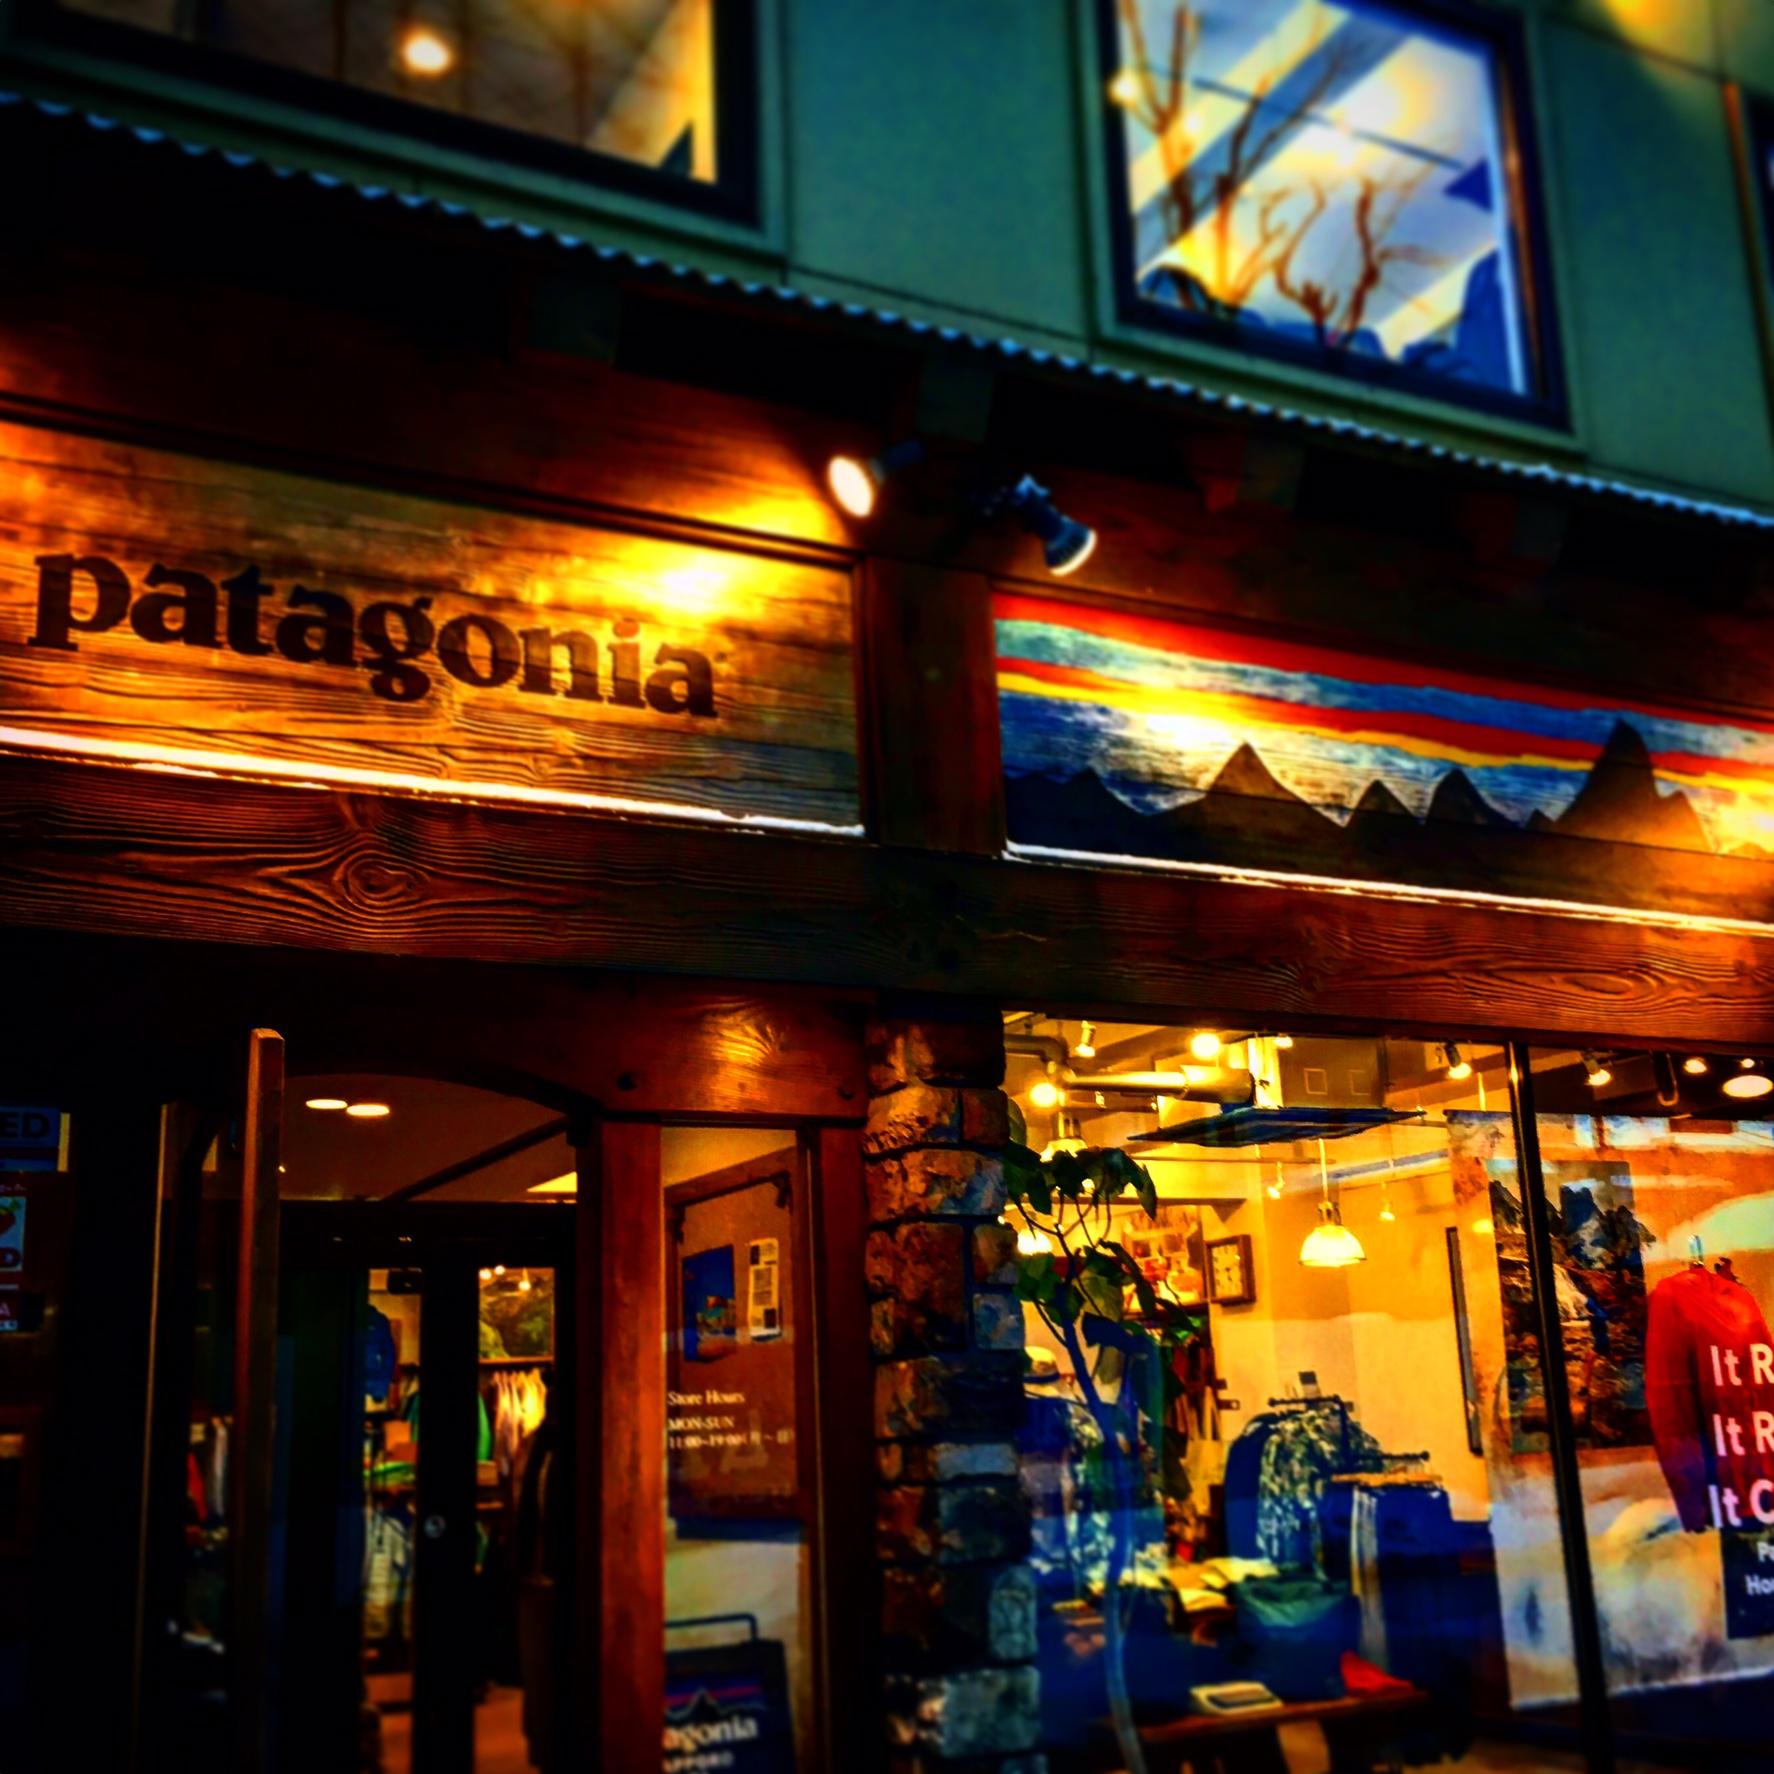 北海道へ。パタゴニア札幌南店と北店へ